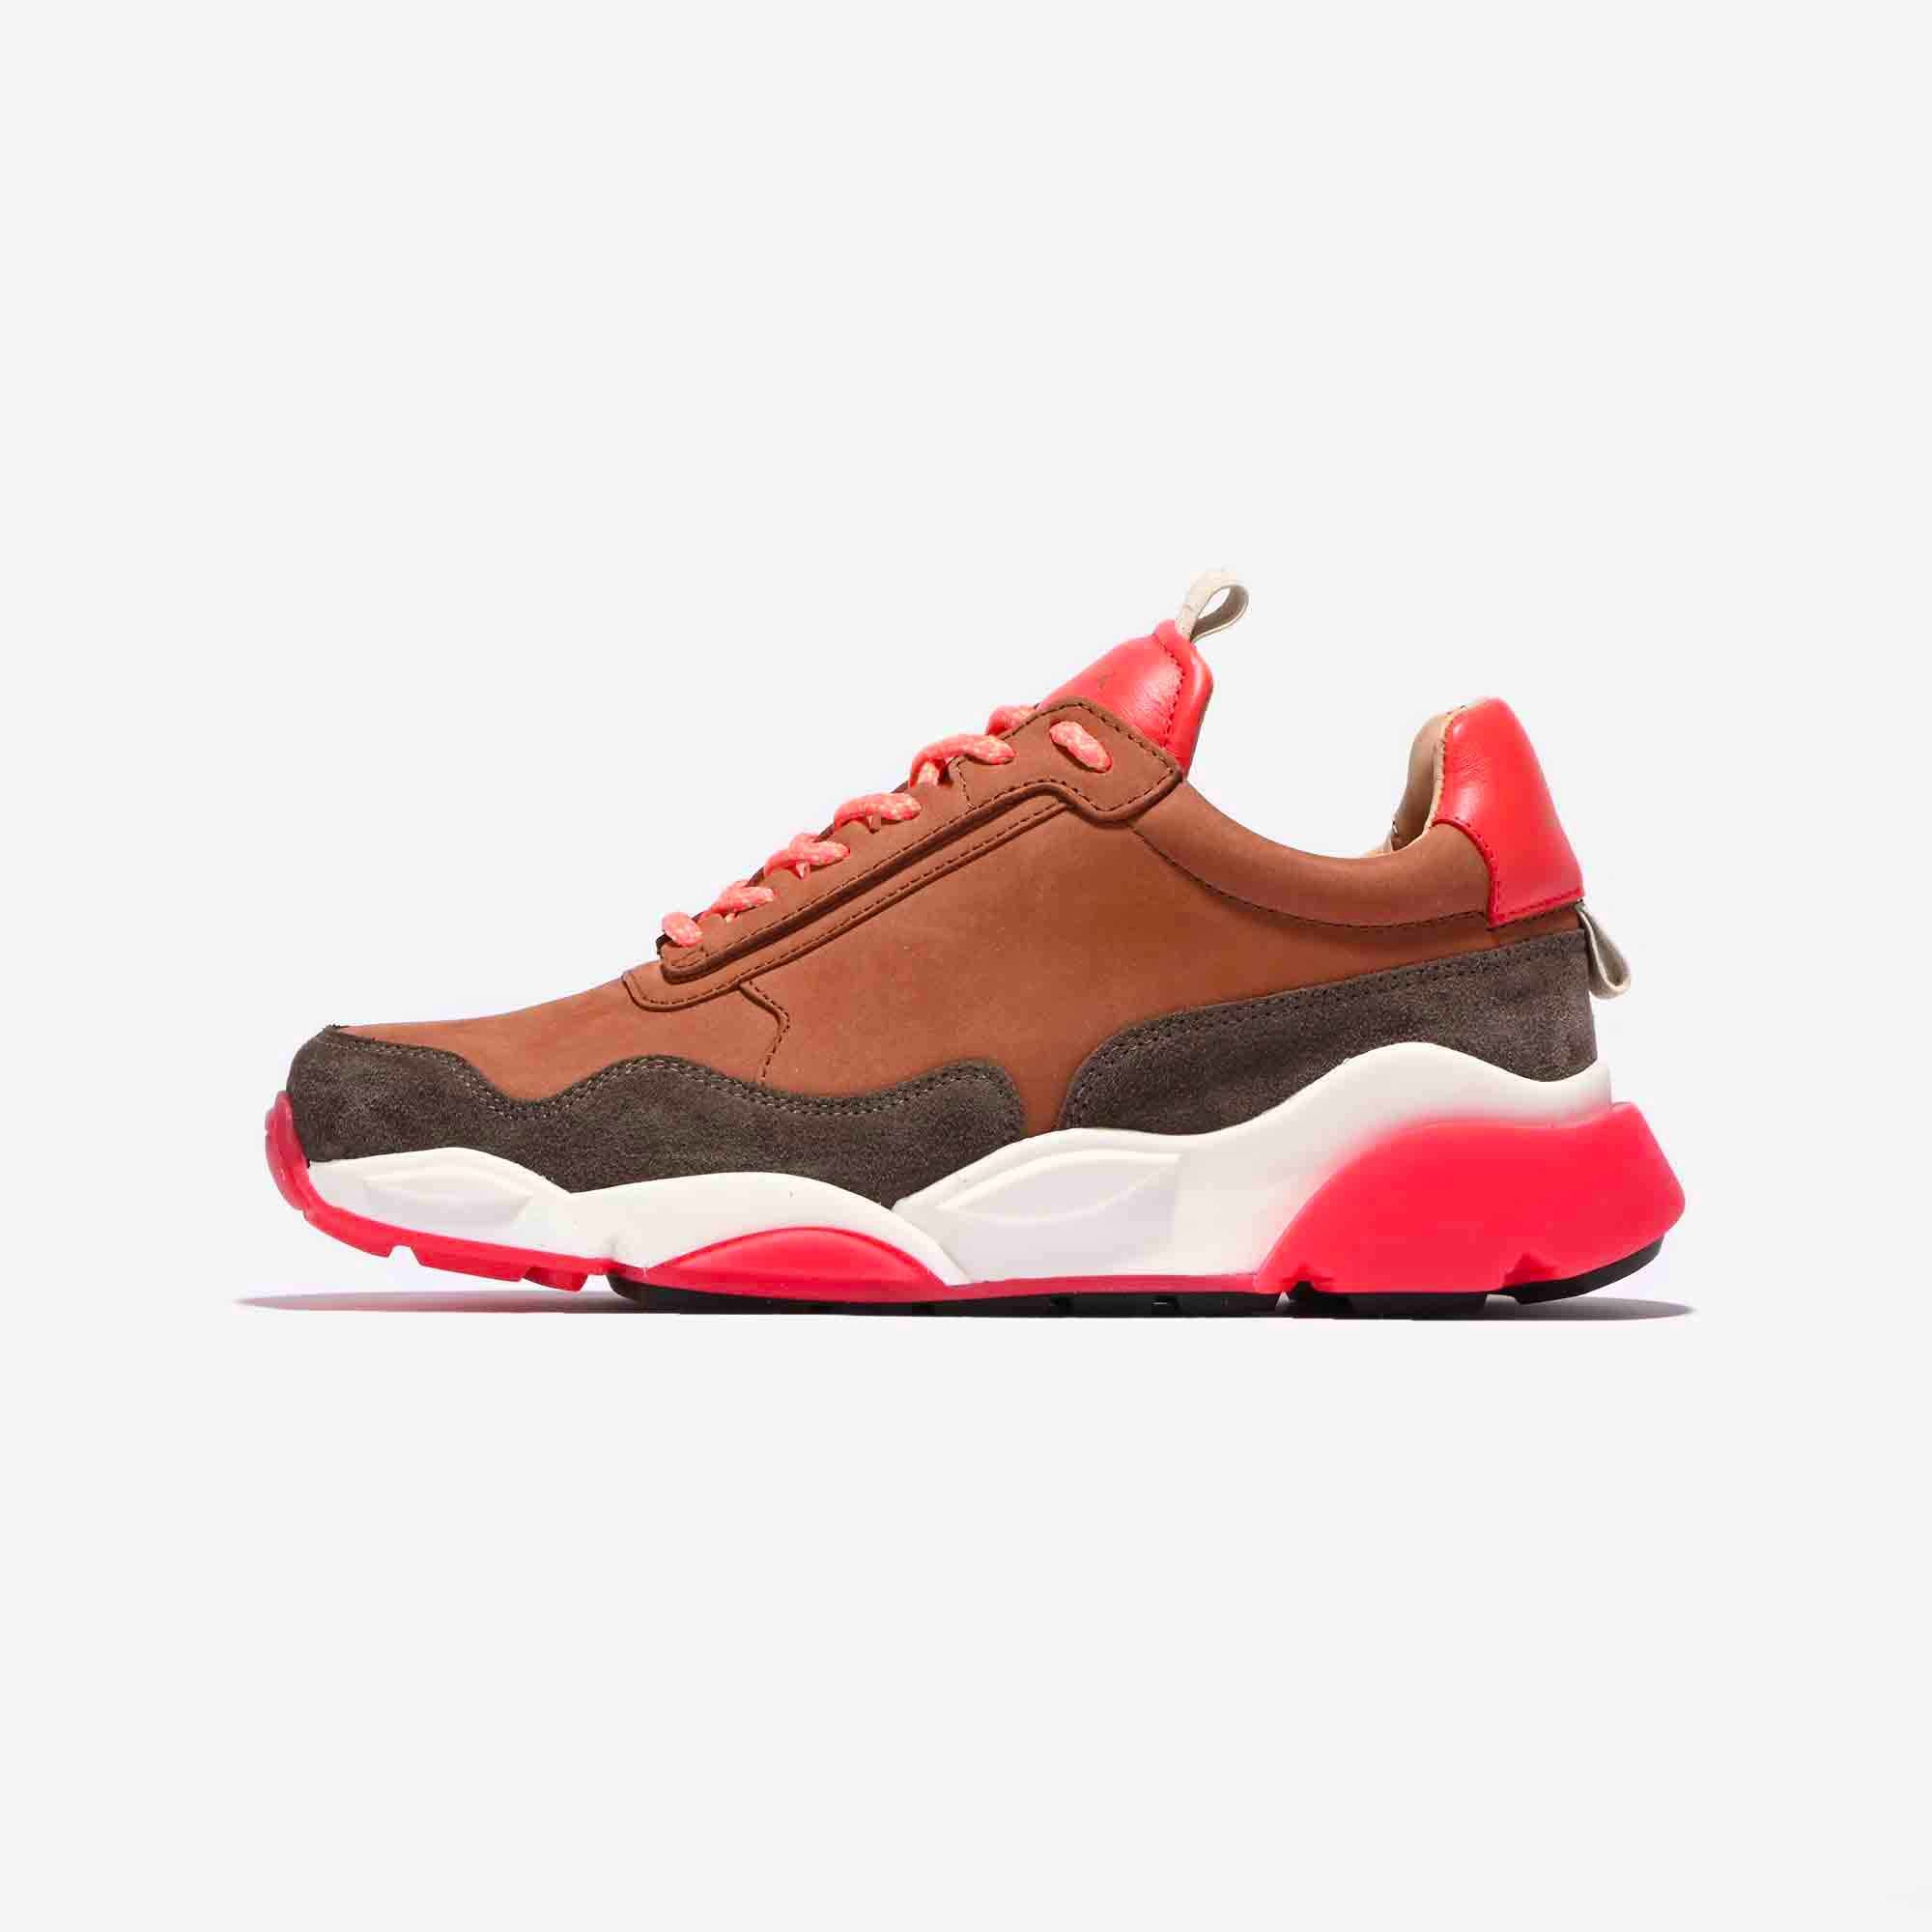 Sneaker zespa S4_126-1